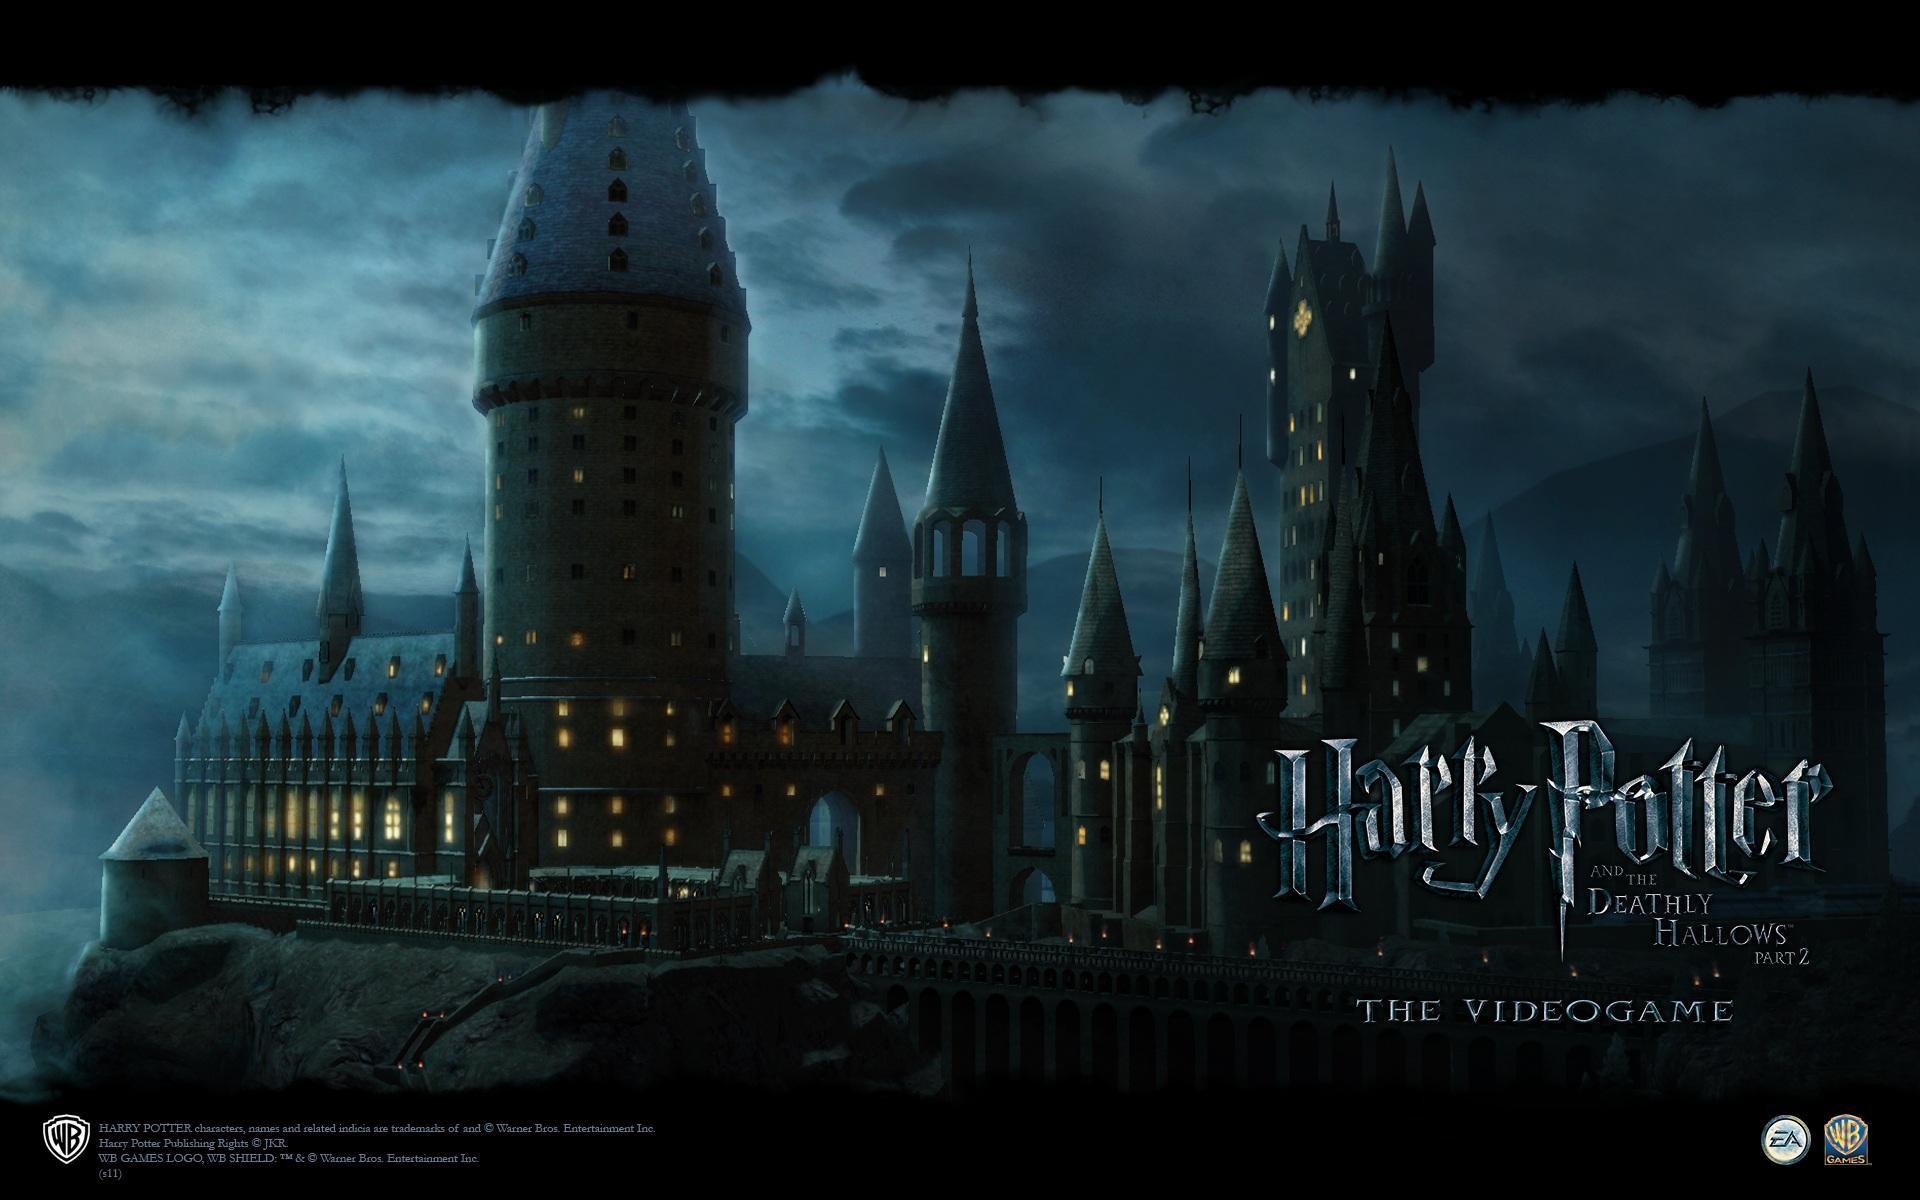 Harry-Potter-Desktop-Backgrounds-of-Video-Game